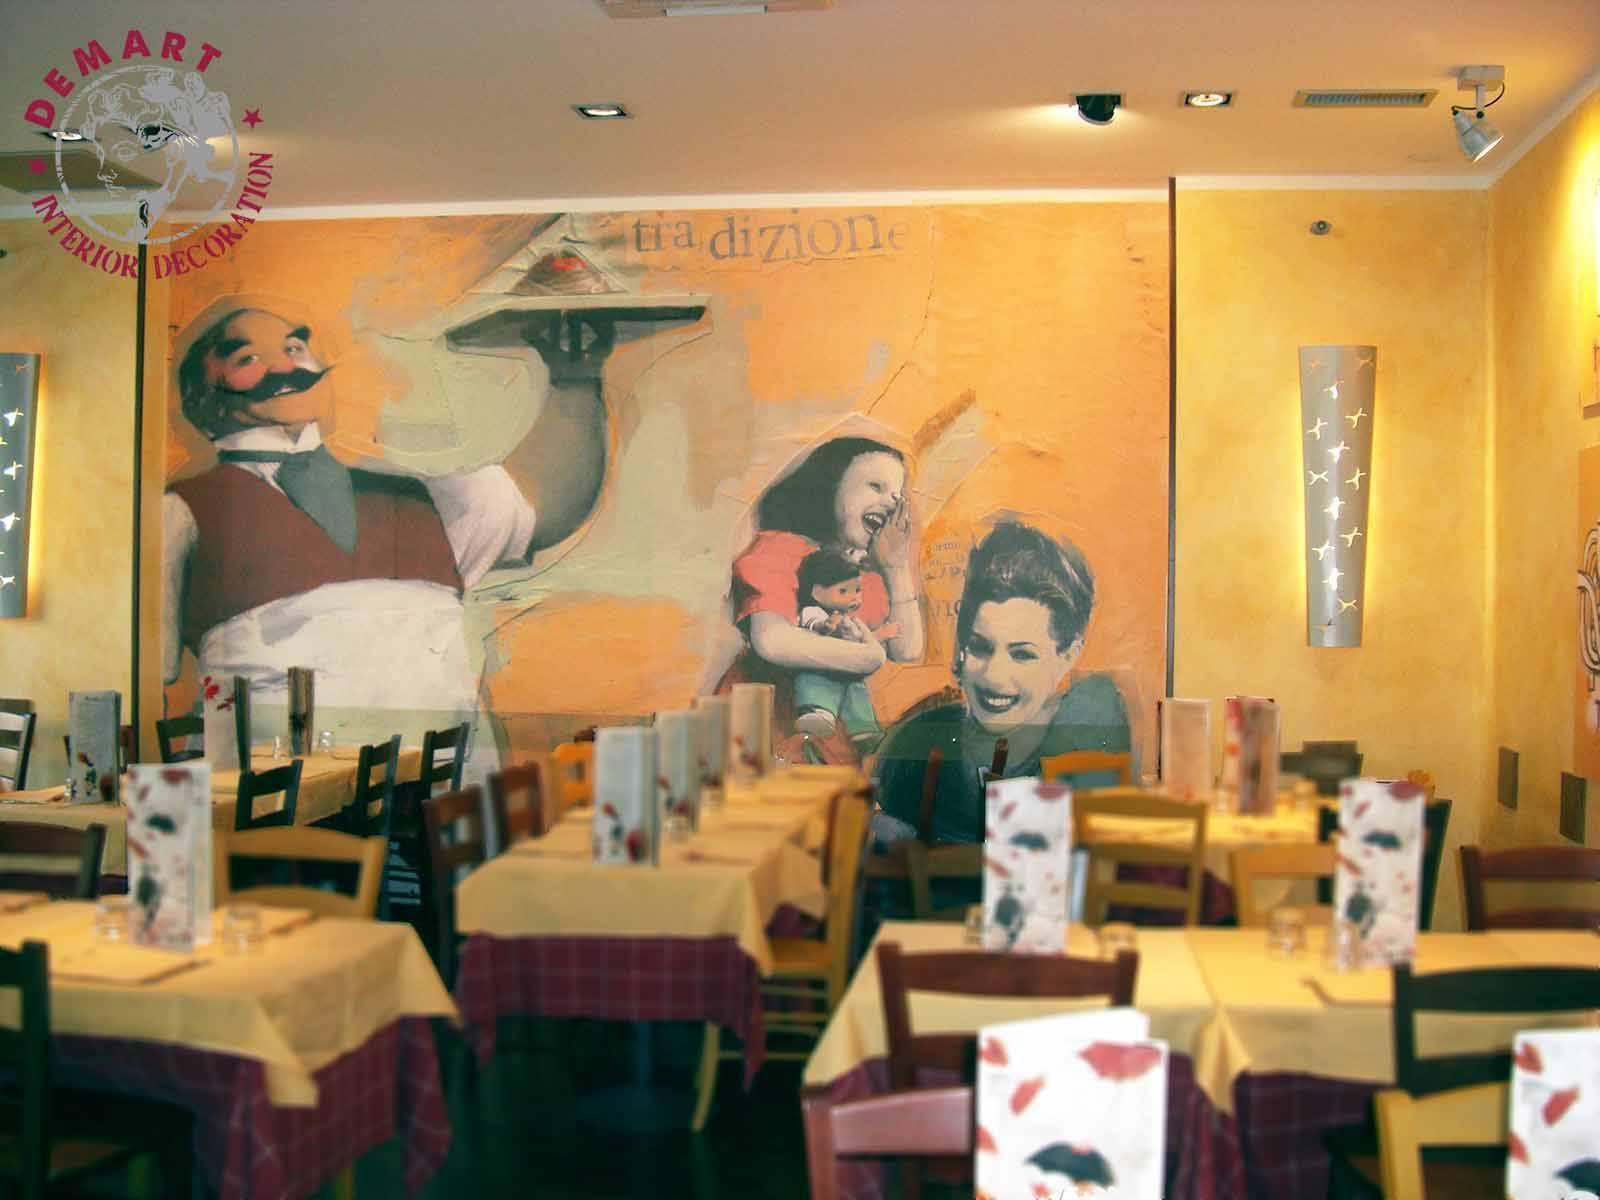 decorazione-parete-ristorante-pastarito-02